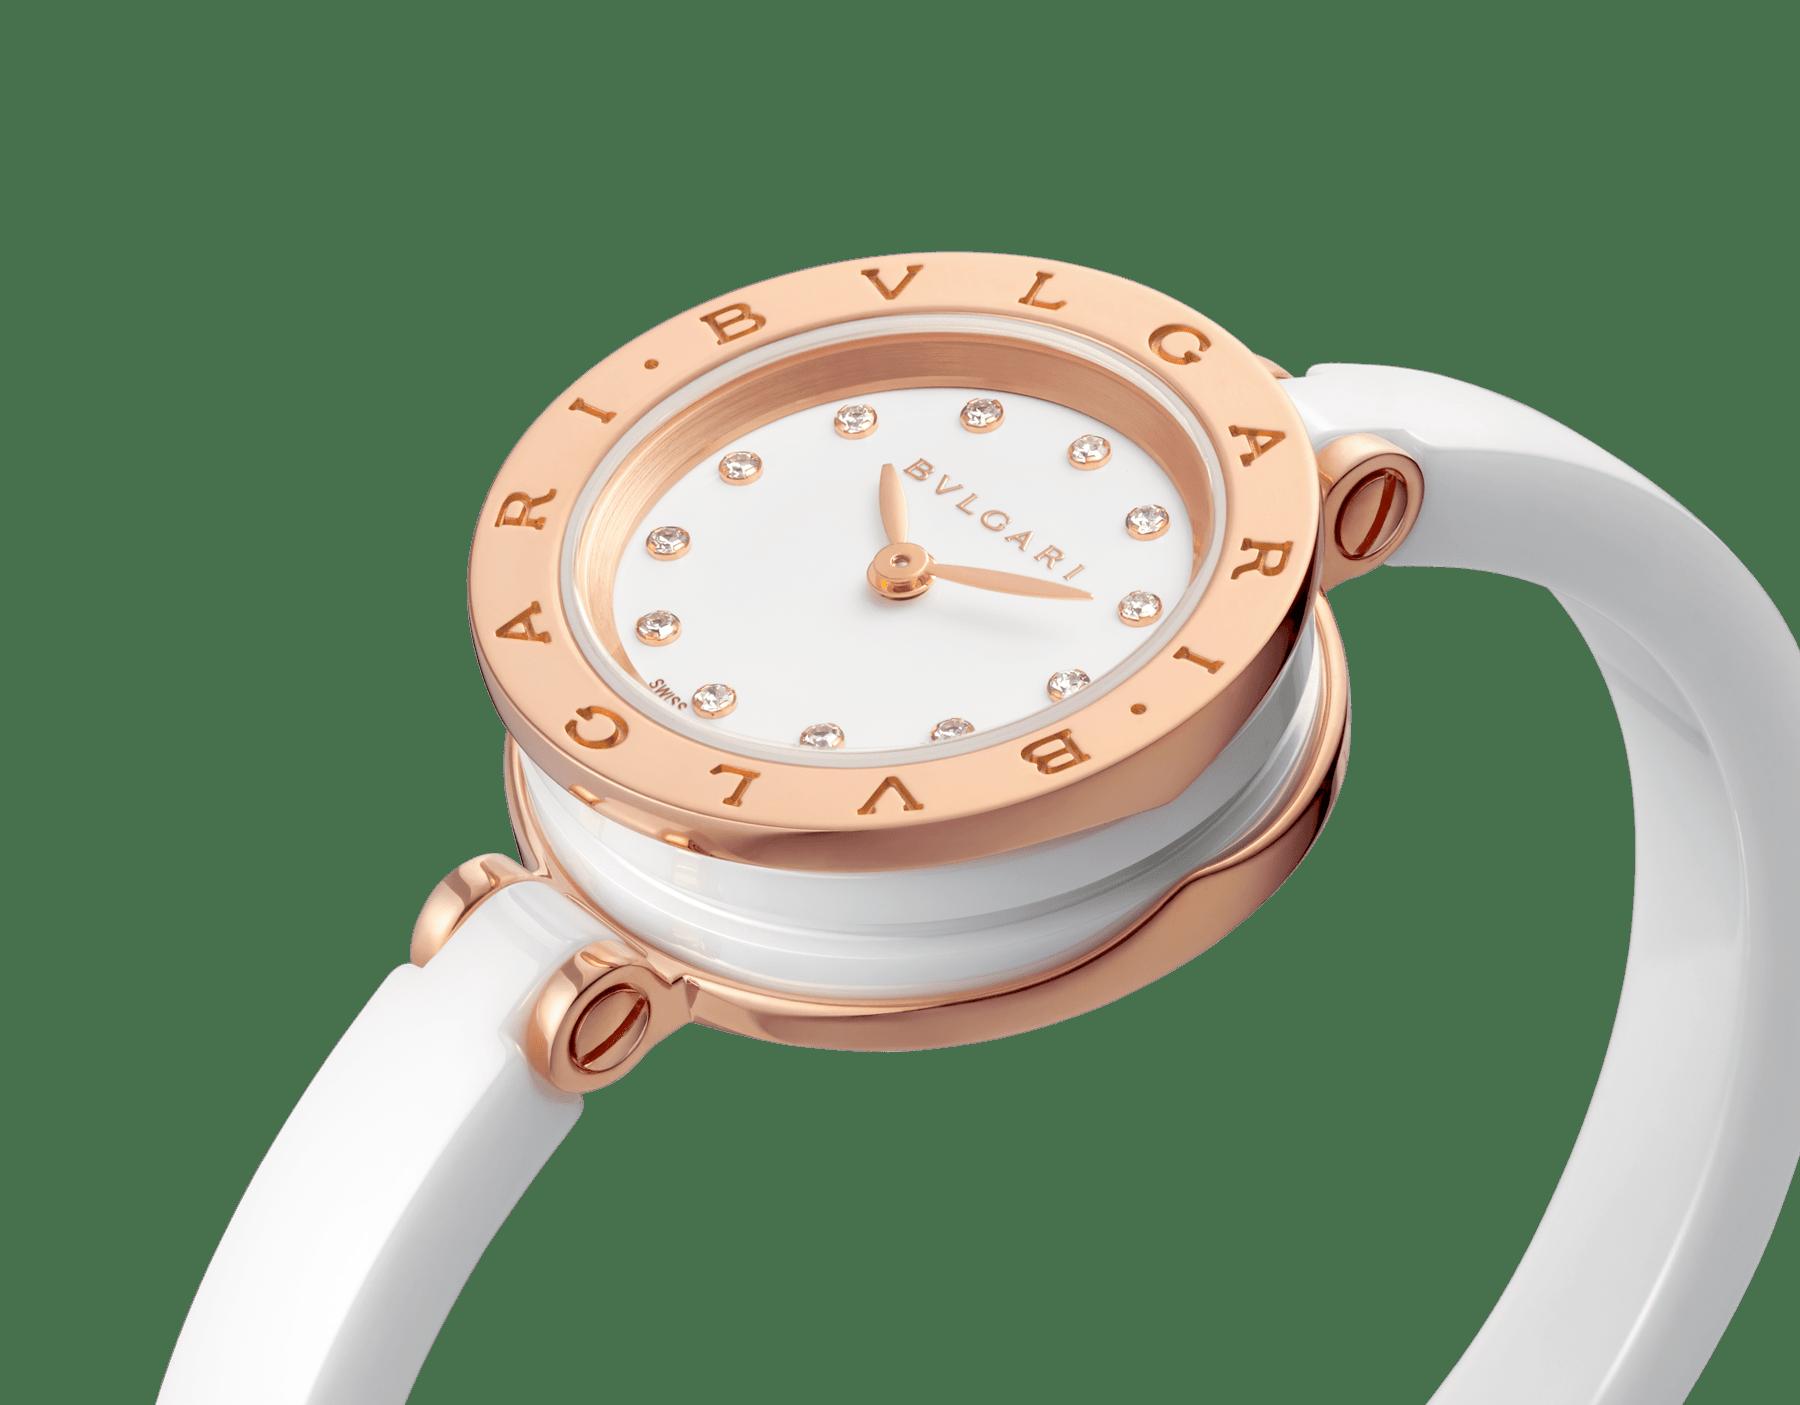 Relógio B.zero1 com caixa em aço inoxidável e ouro rosa 18K, espiral e pulseira em cerâmica branca, mostrador branco laqueado e índices de diamante. Tamanho médio B01watch-white-white-dial3 image 6